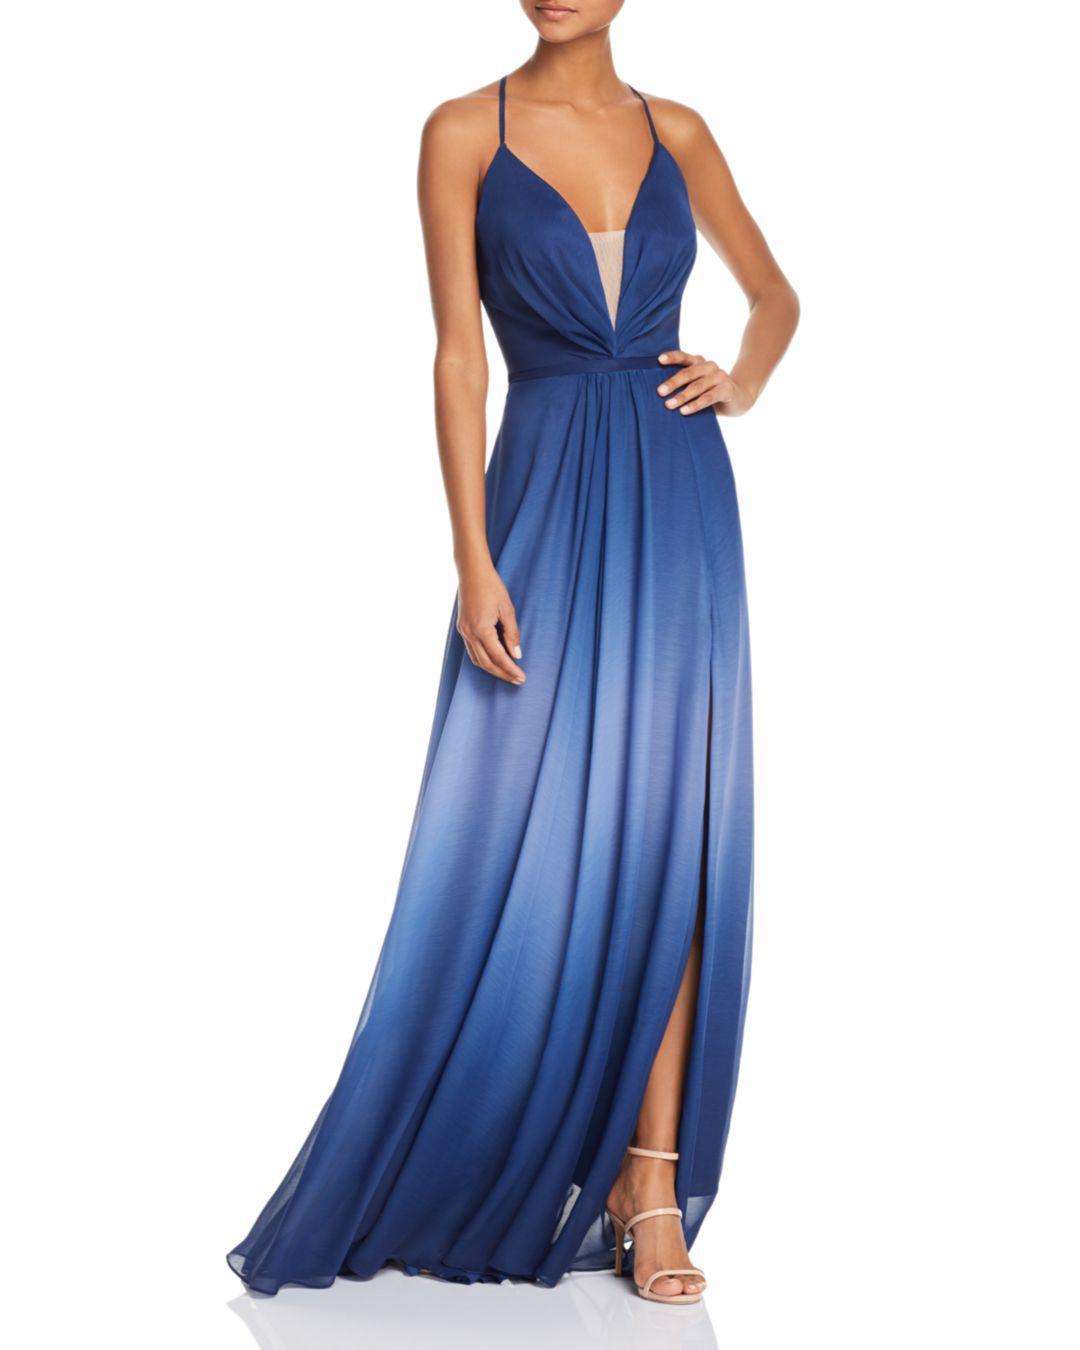 4d6b213c7e Aqua Ombré Tie-back Gown in Blue - Lyst